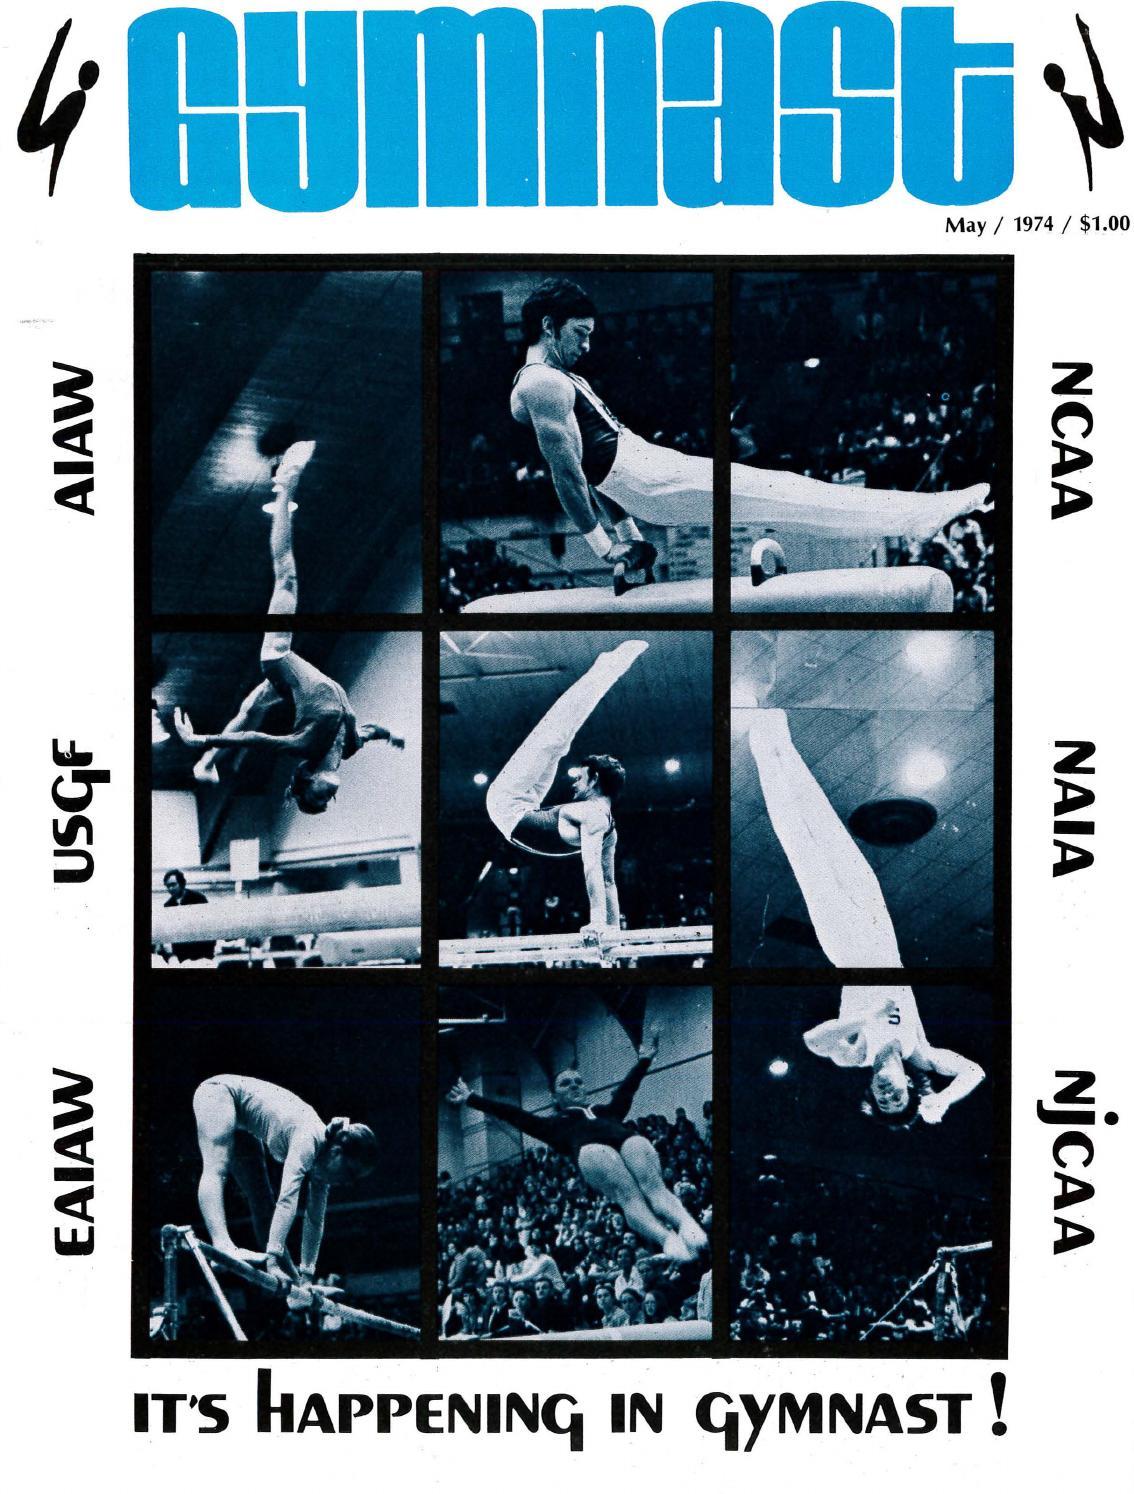 Gymnast Magazine - May 1974 by USA Gymnastics - issuu